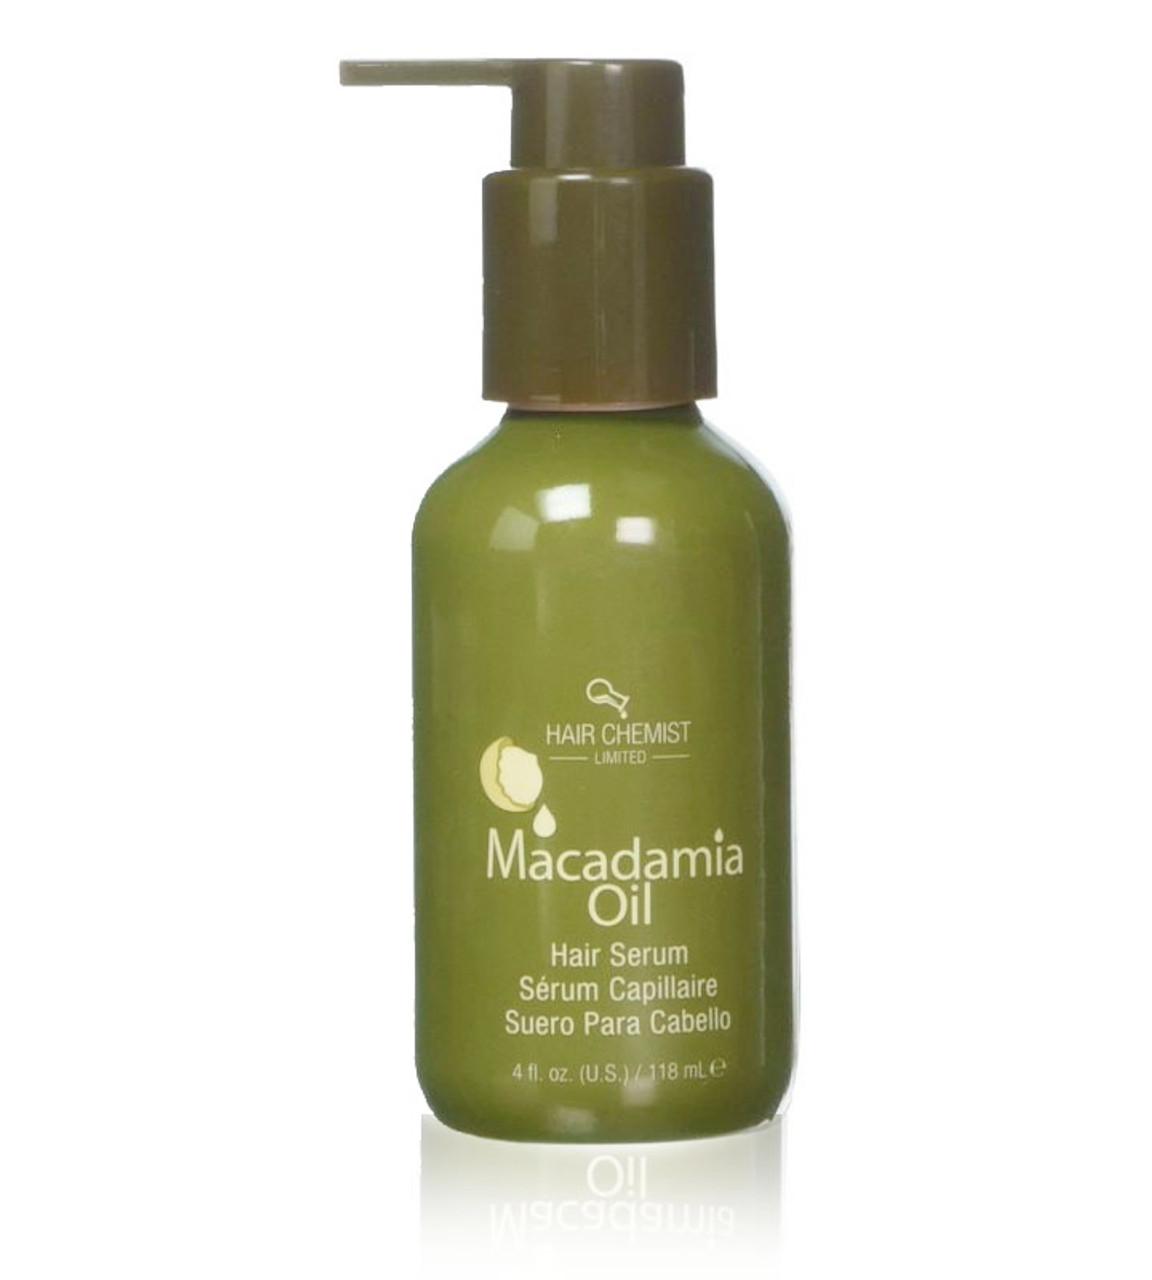 Macadamia Oil Hair Serum For Shiny Silky Hair